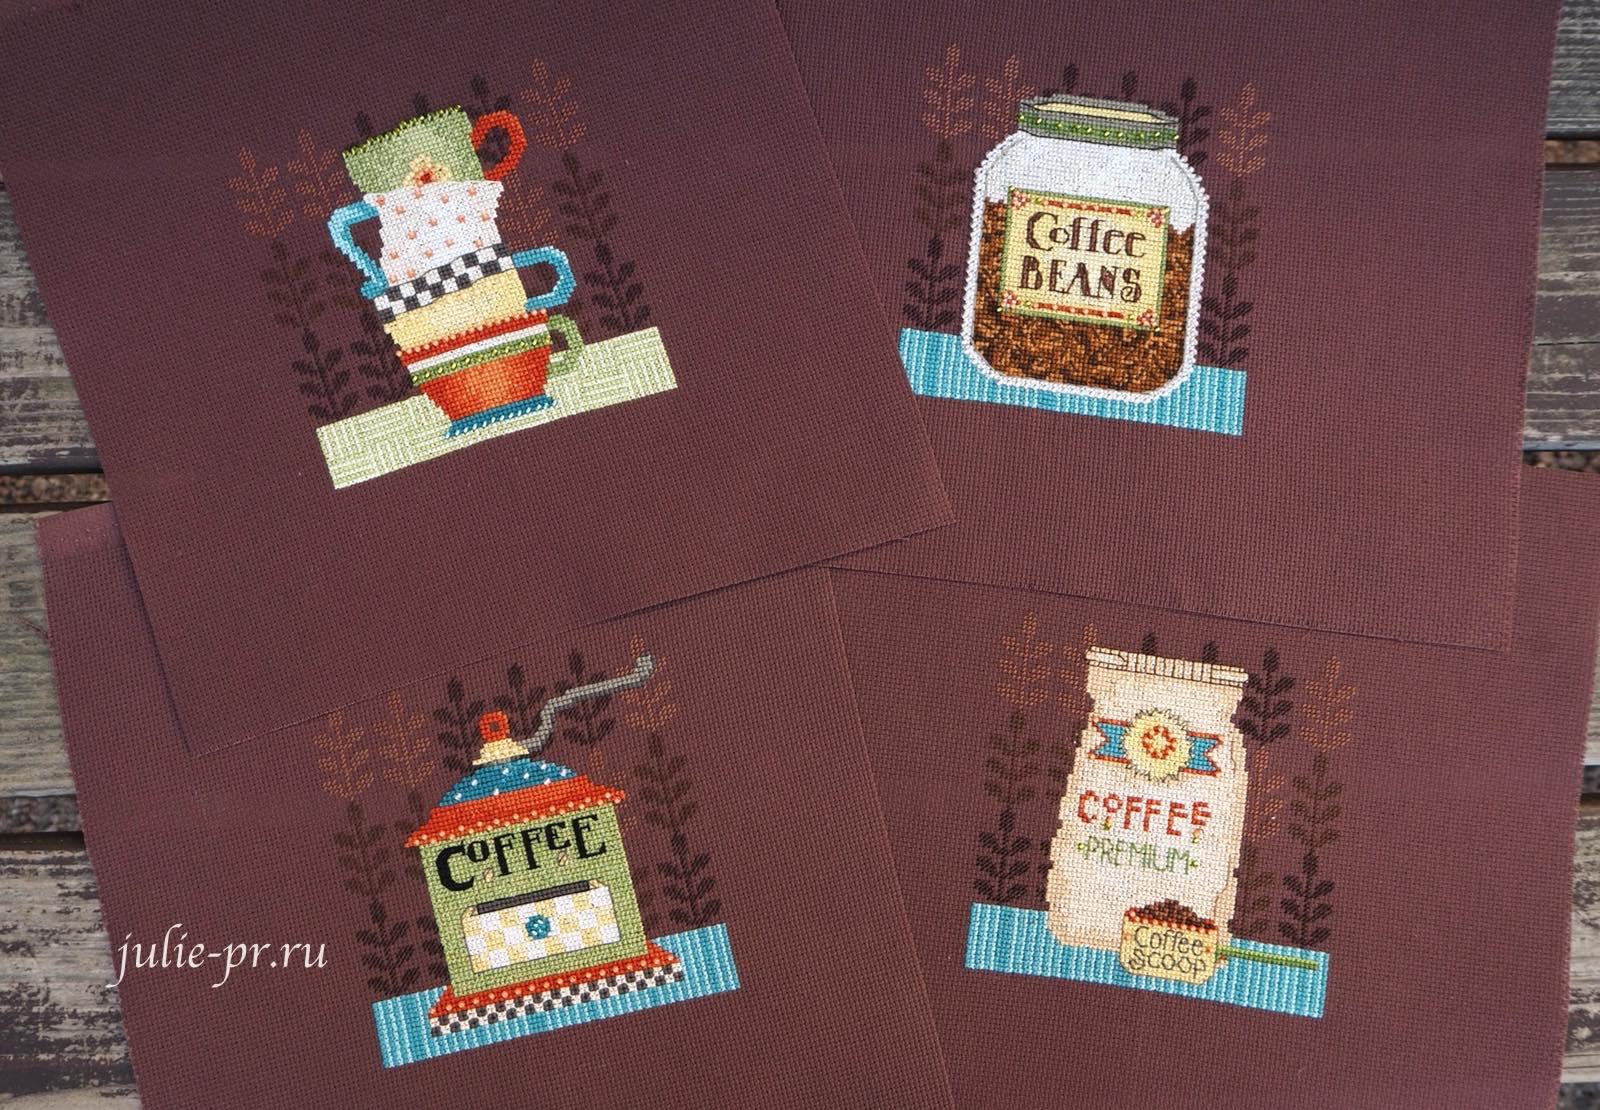 Кофейные чашки. Продолжение кофейной серии